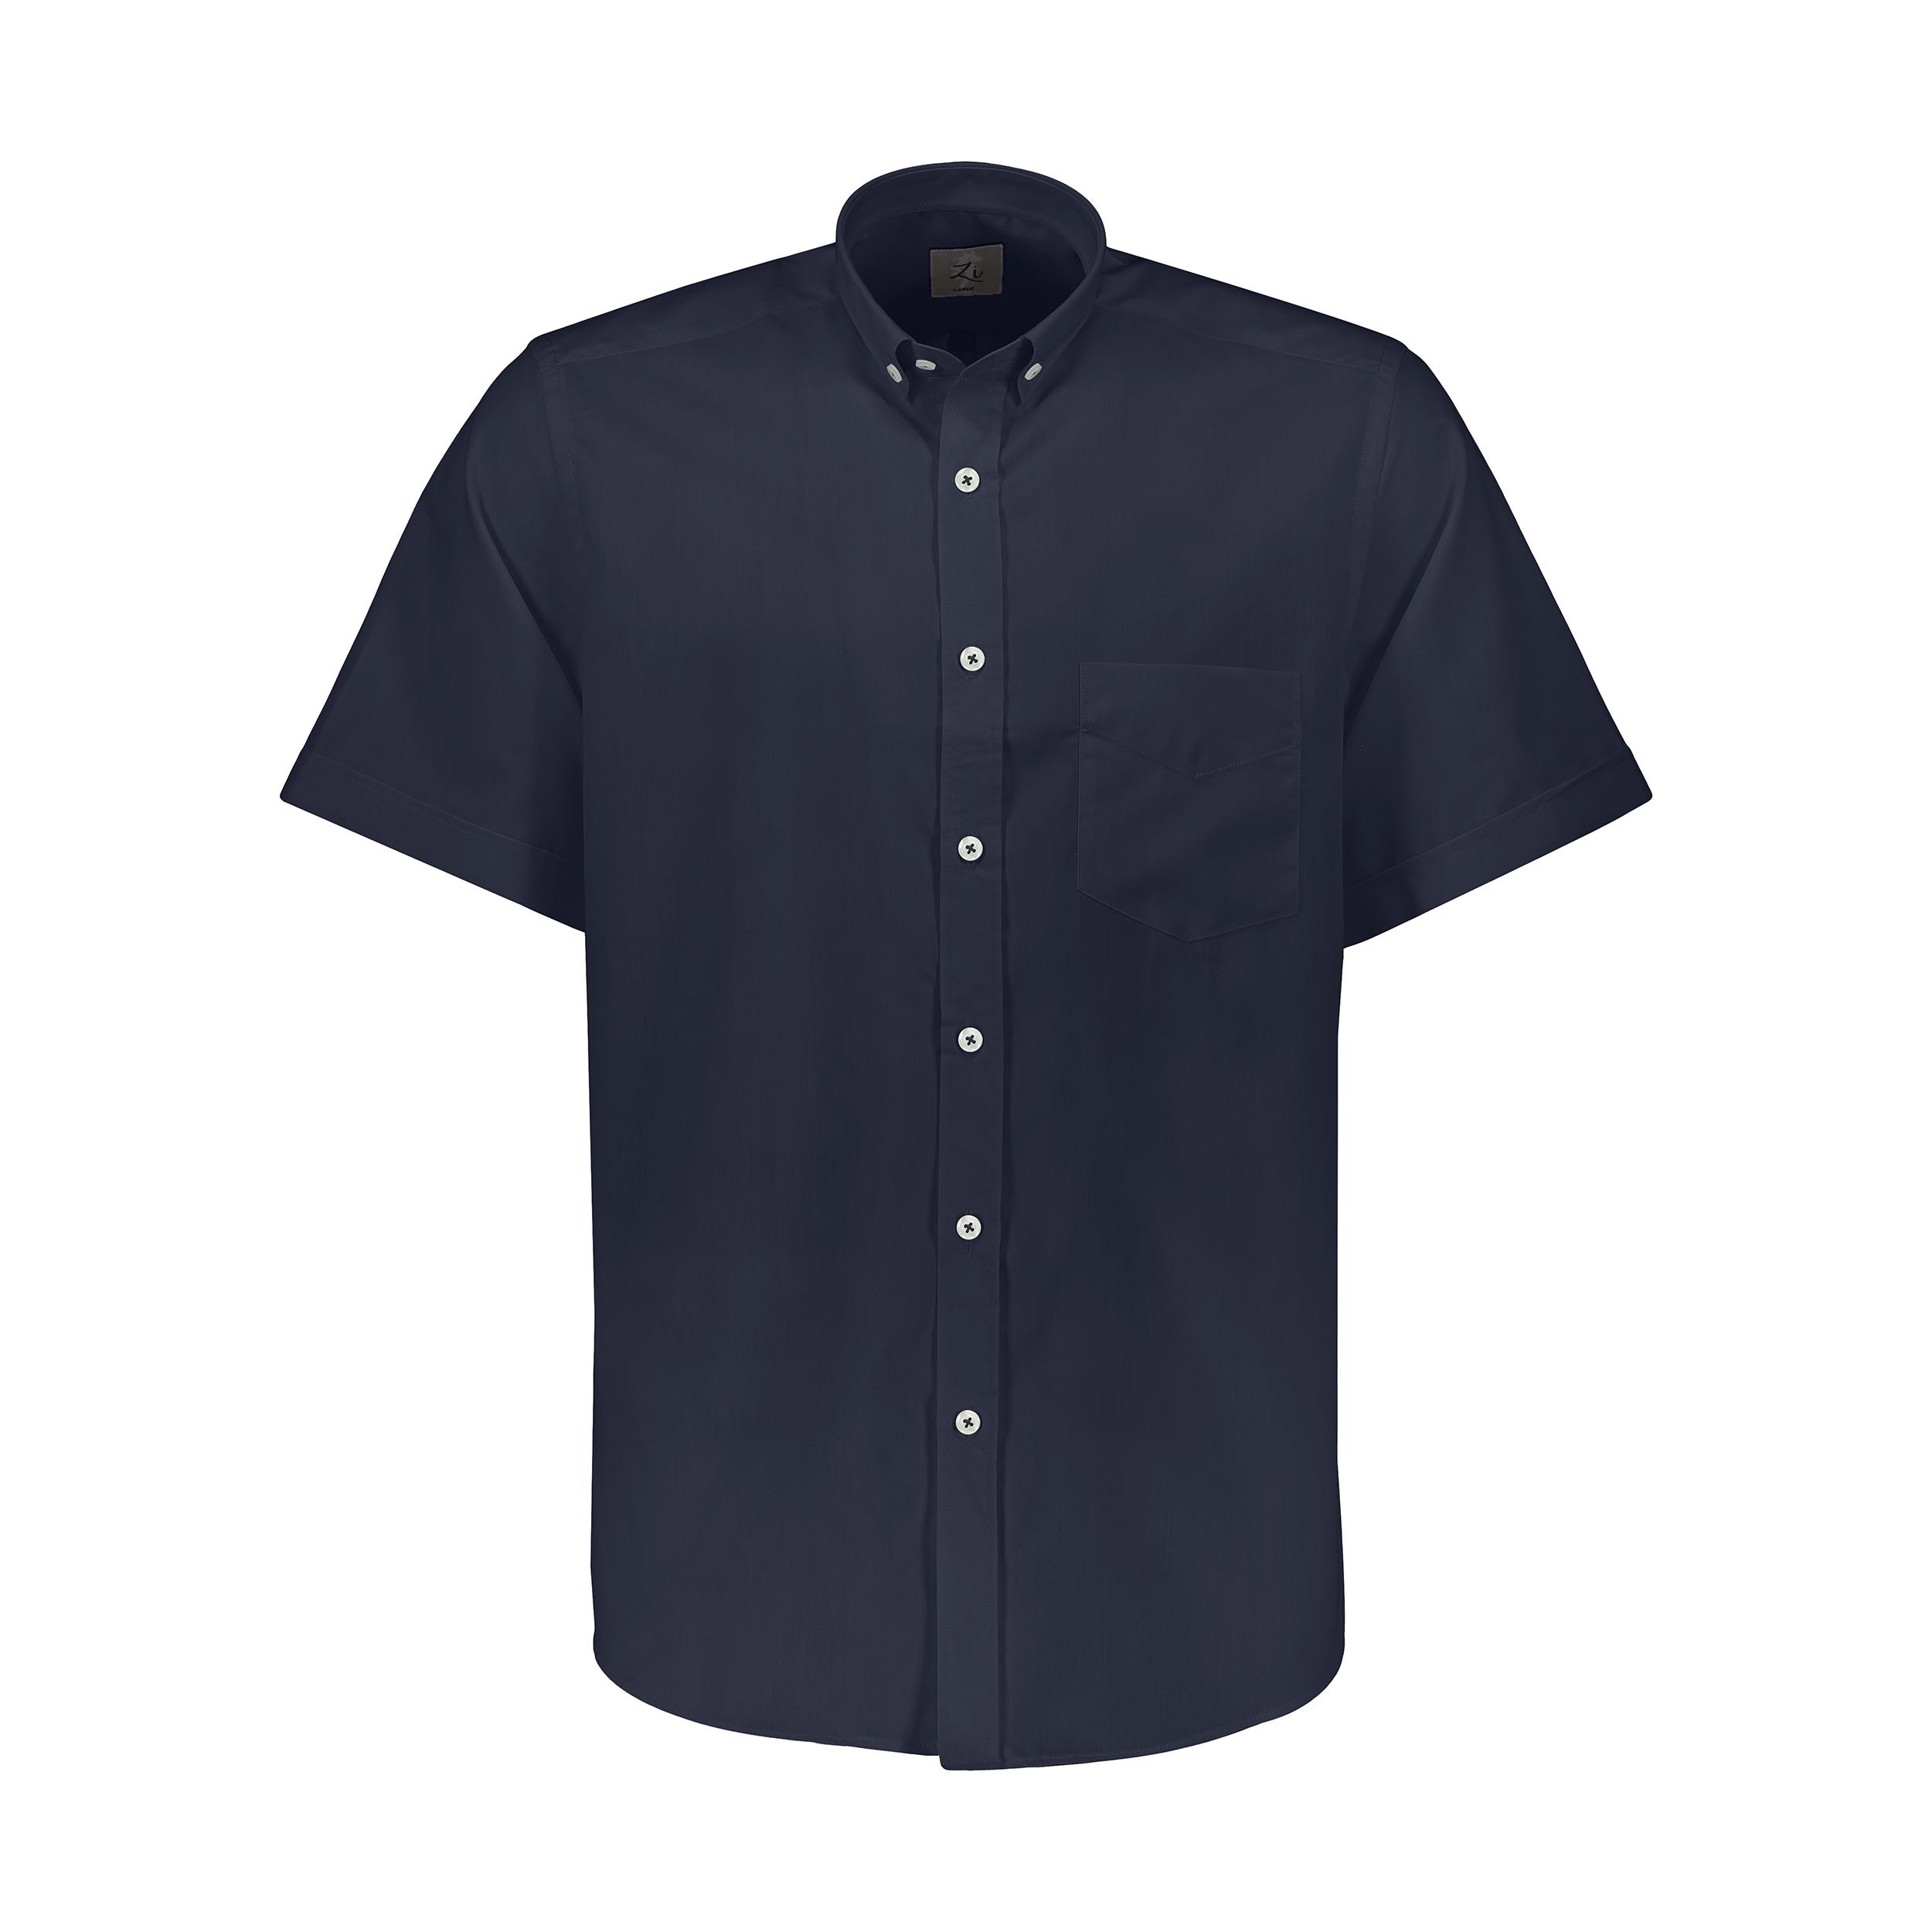 پیراهن آستین کوتاه مردانه زی مدل 153139359